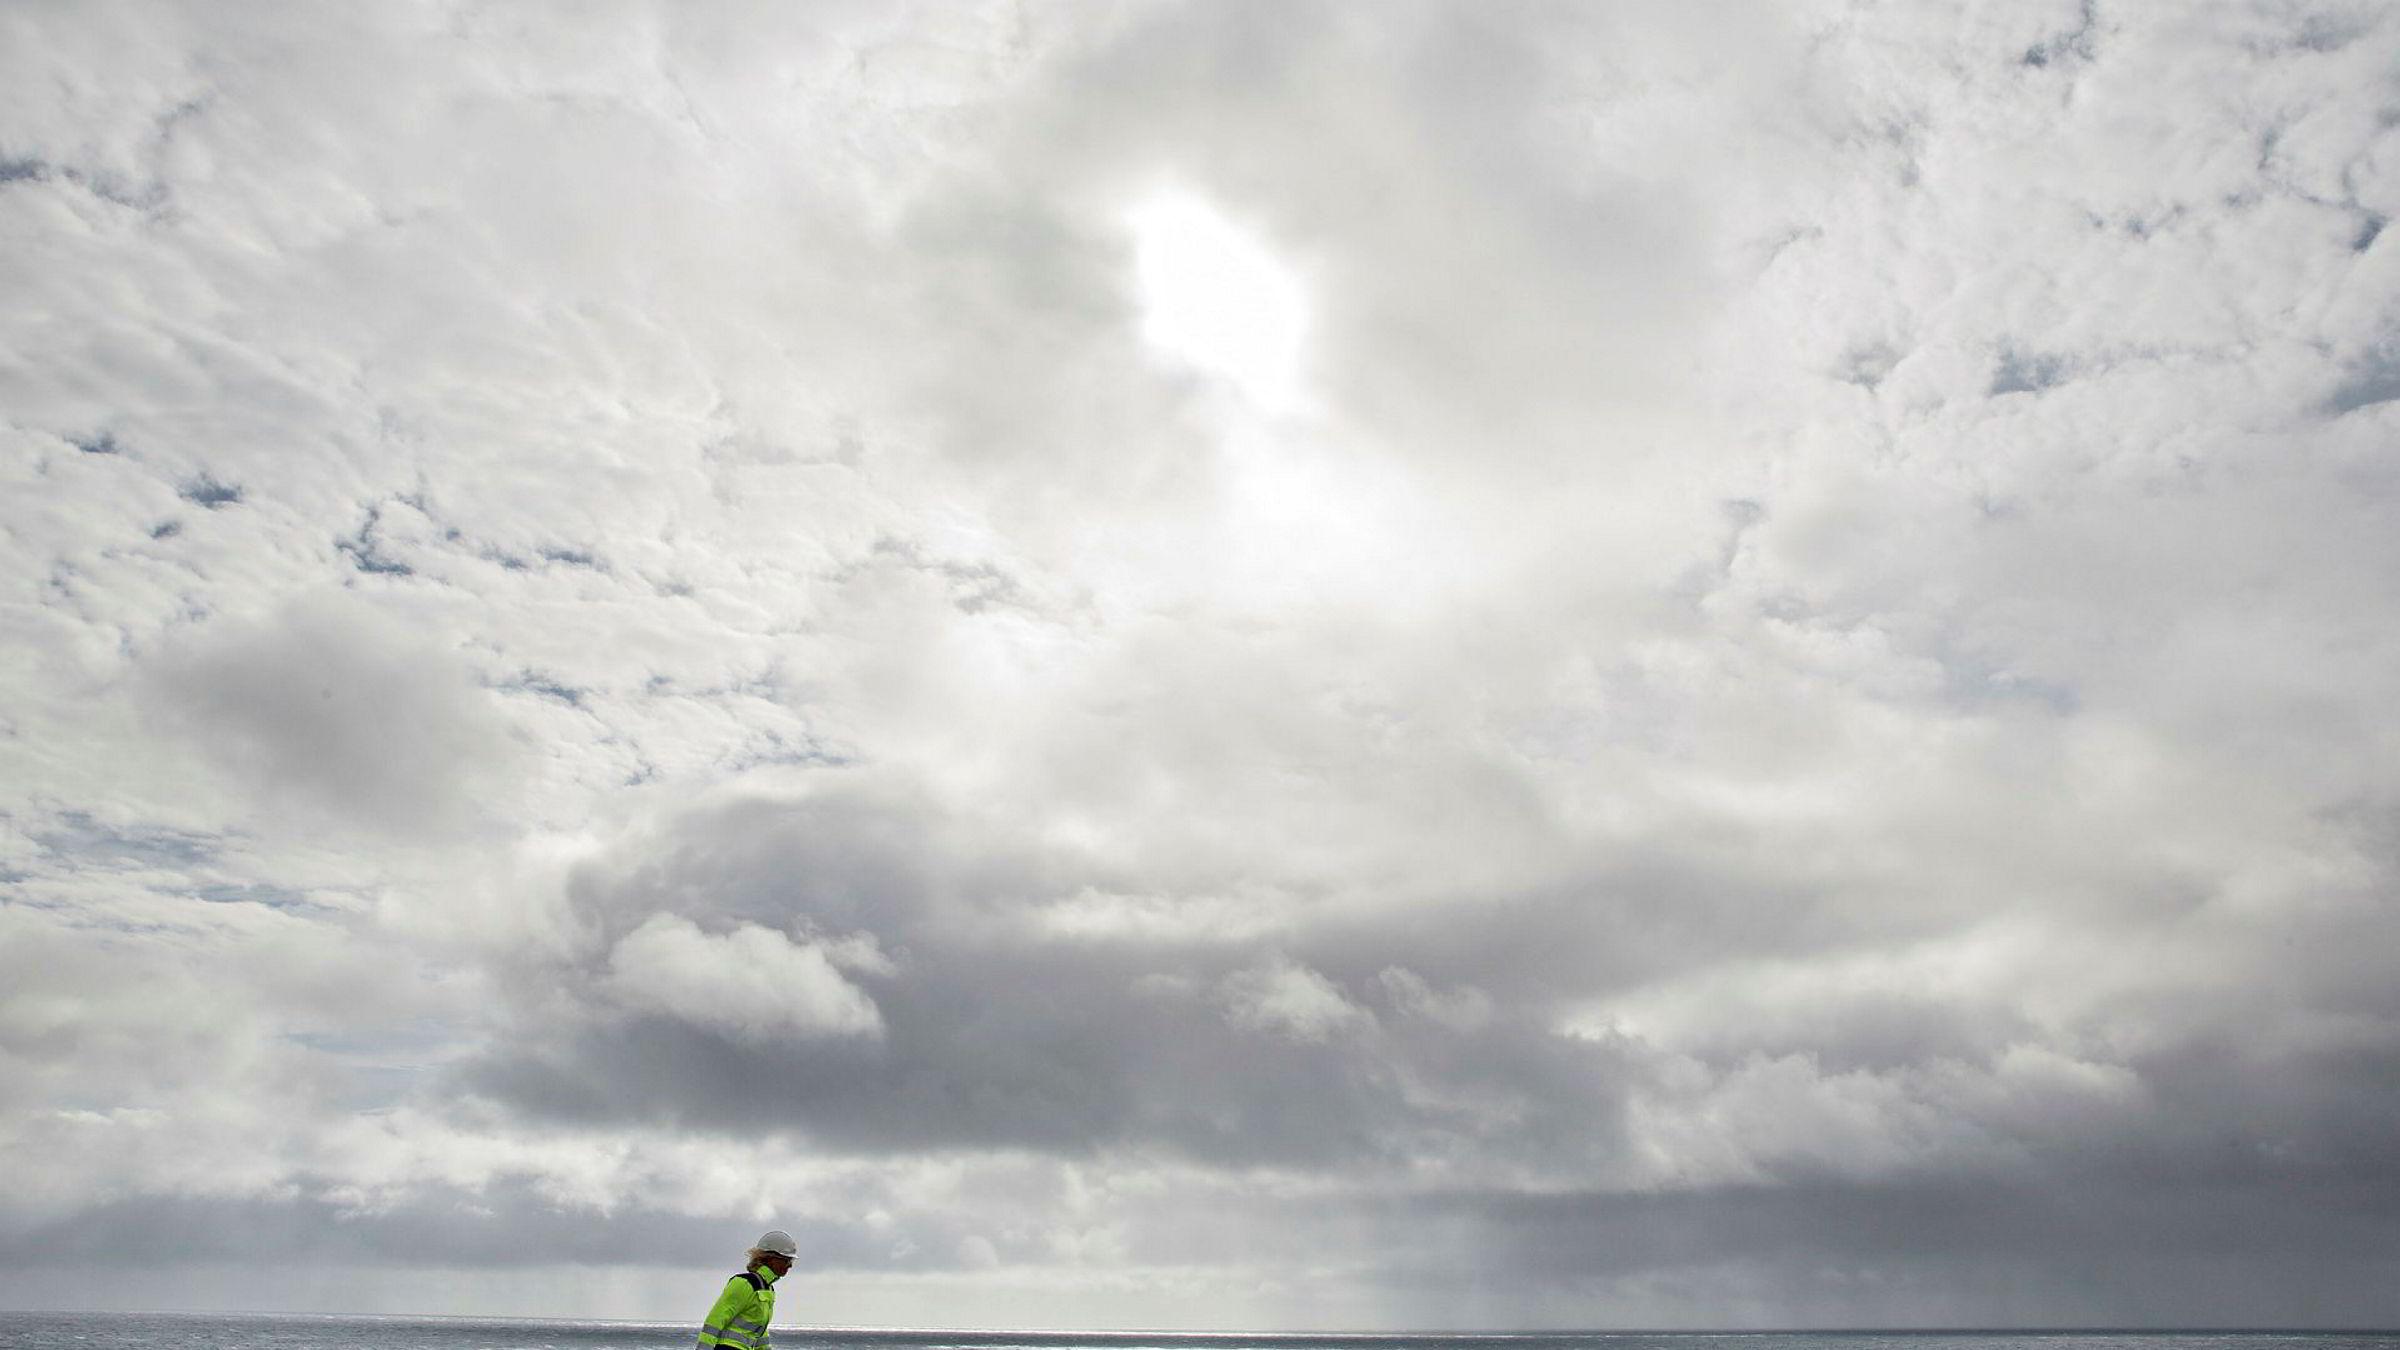 Det er tankevekkende at en næring, som selv i det verste kriseåret 2016 sto for halvparten av bedriftsbeskatningen fra alle næringer i Norge, til stadighet skal henges ut som subsidiert, skriver forfatteren. Her fra prøveboring og gassproduksjon i Barentshavet ved boreriggen Leiv Eiriksson.